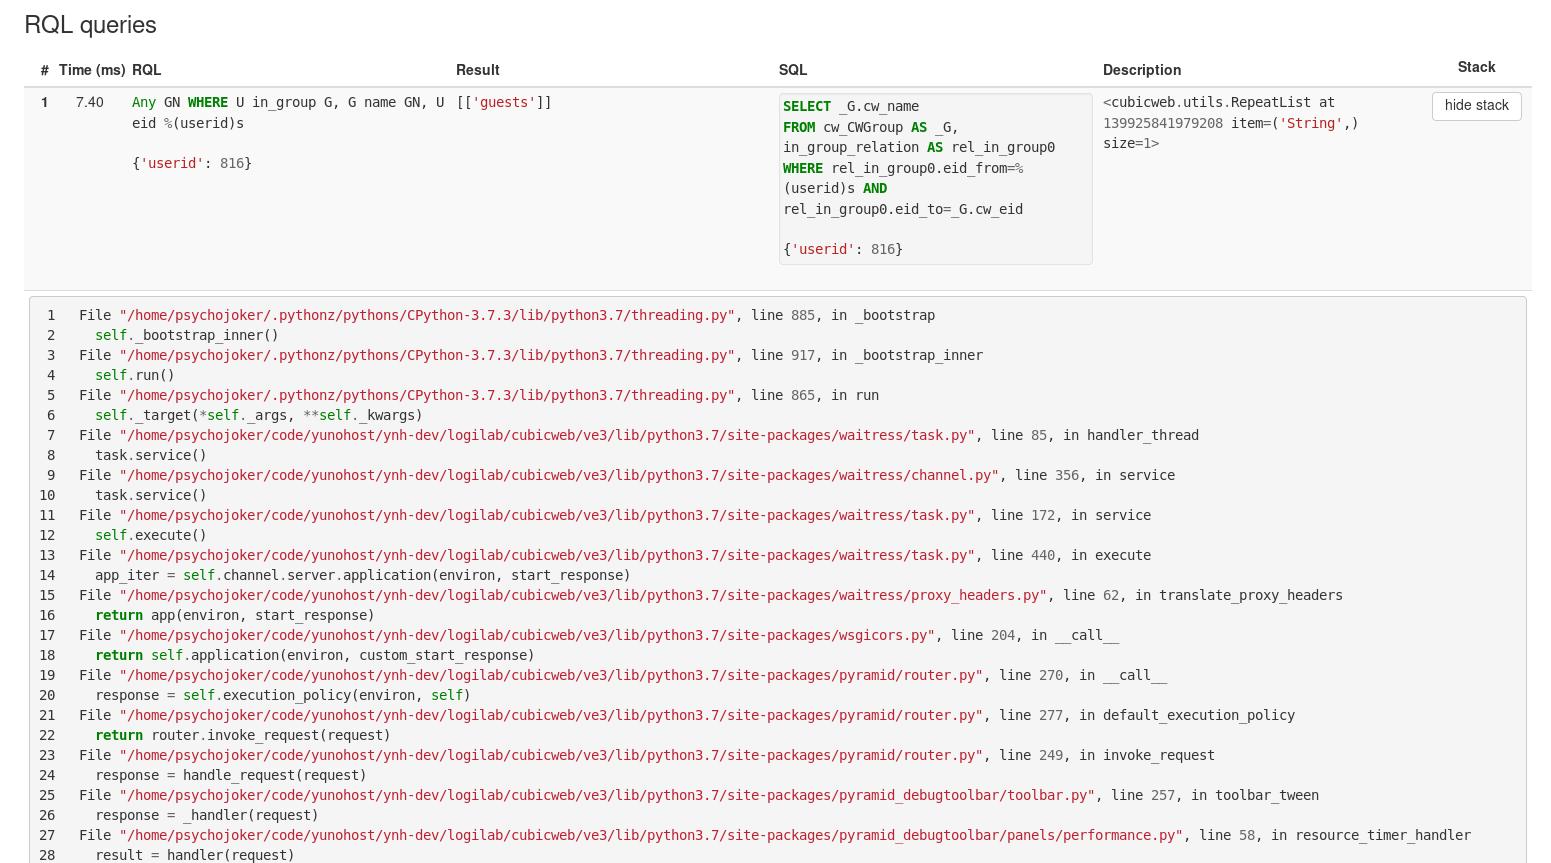 doc/images/debugtoolbar_rql_traceback_panel.png